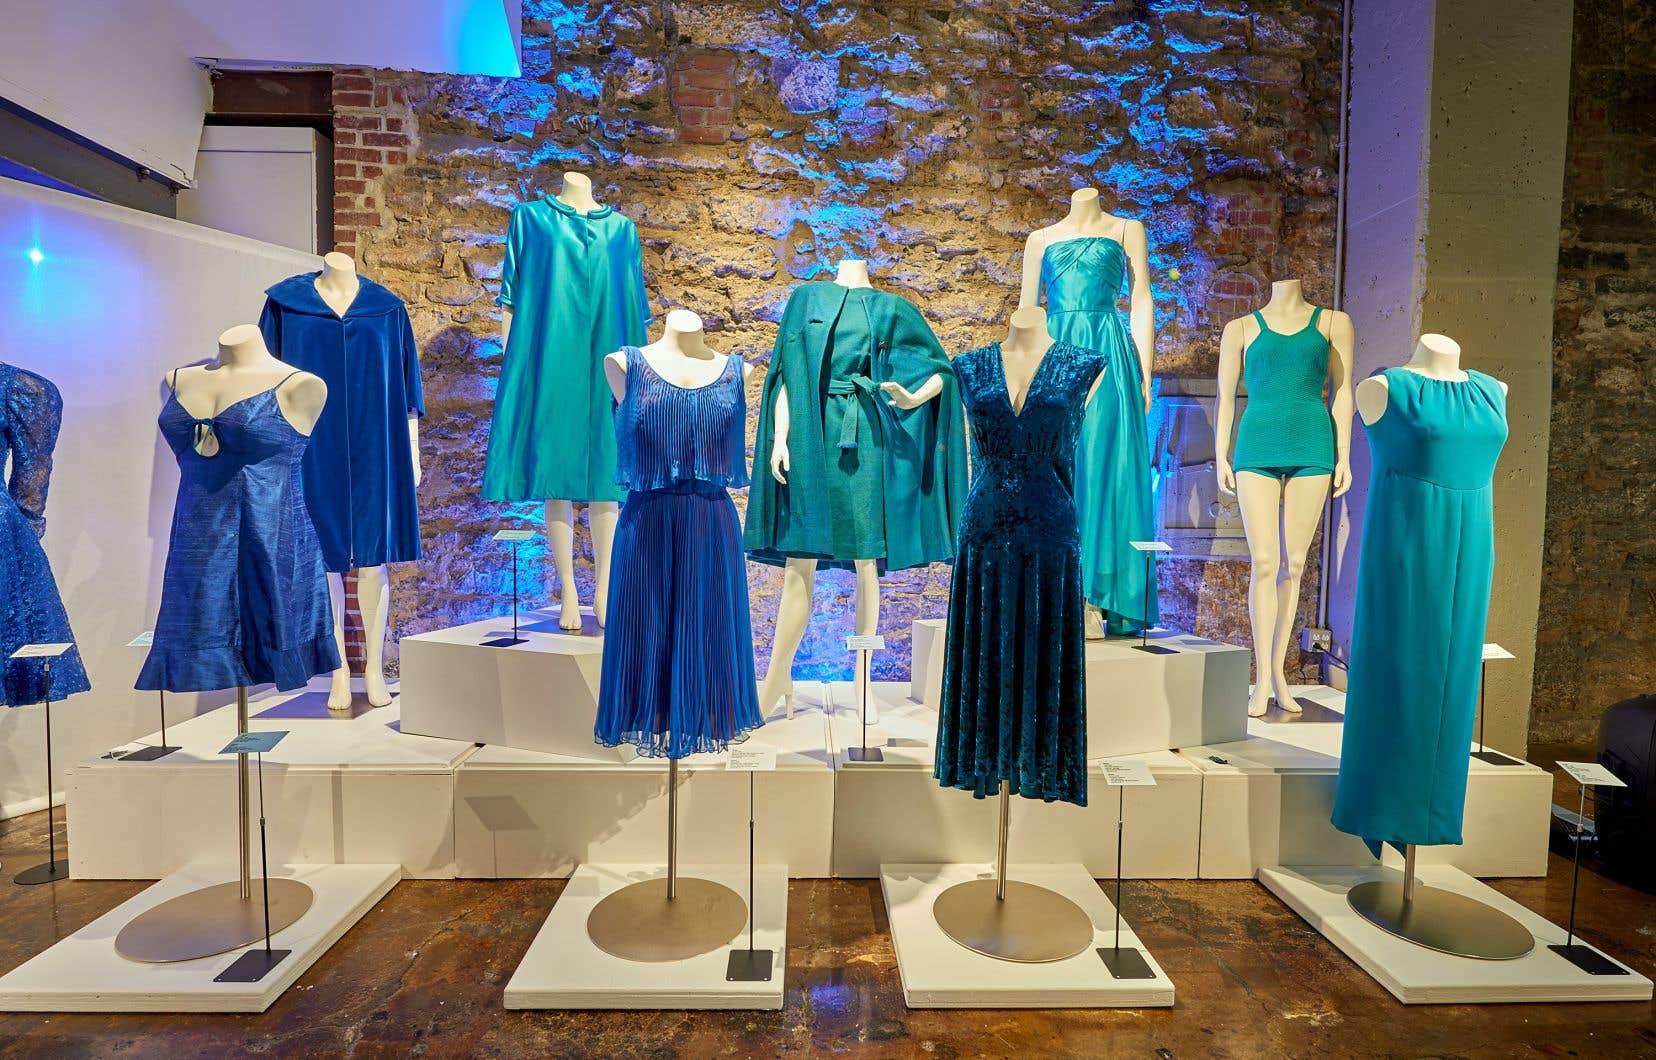 Les collections du Musée de la mode regroupent quelque 7000 vêtements et accessoires, principalement des XXe et XXIesiècles.